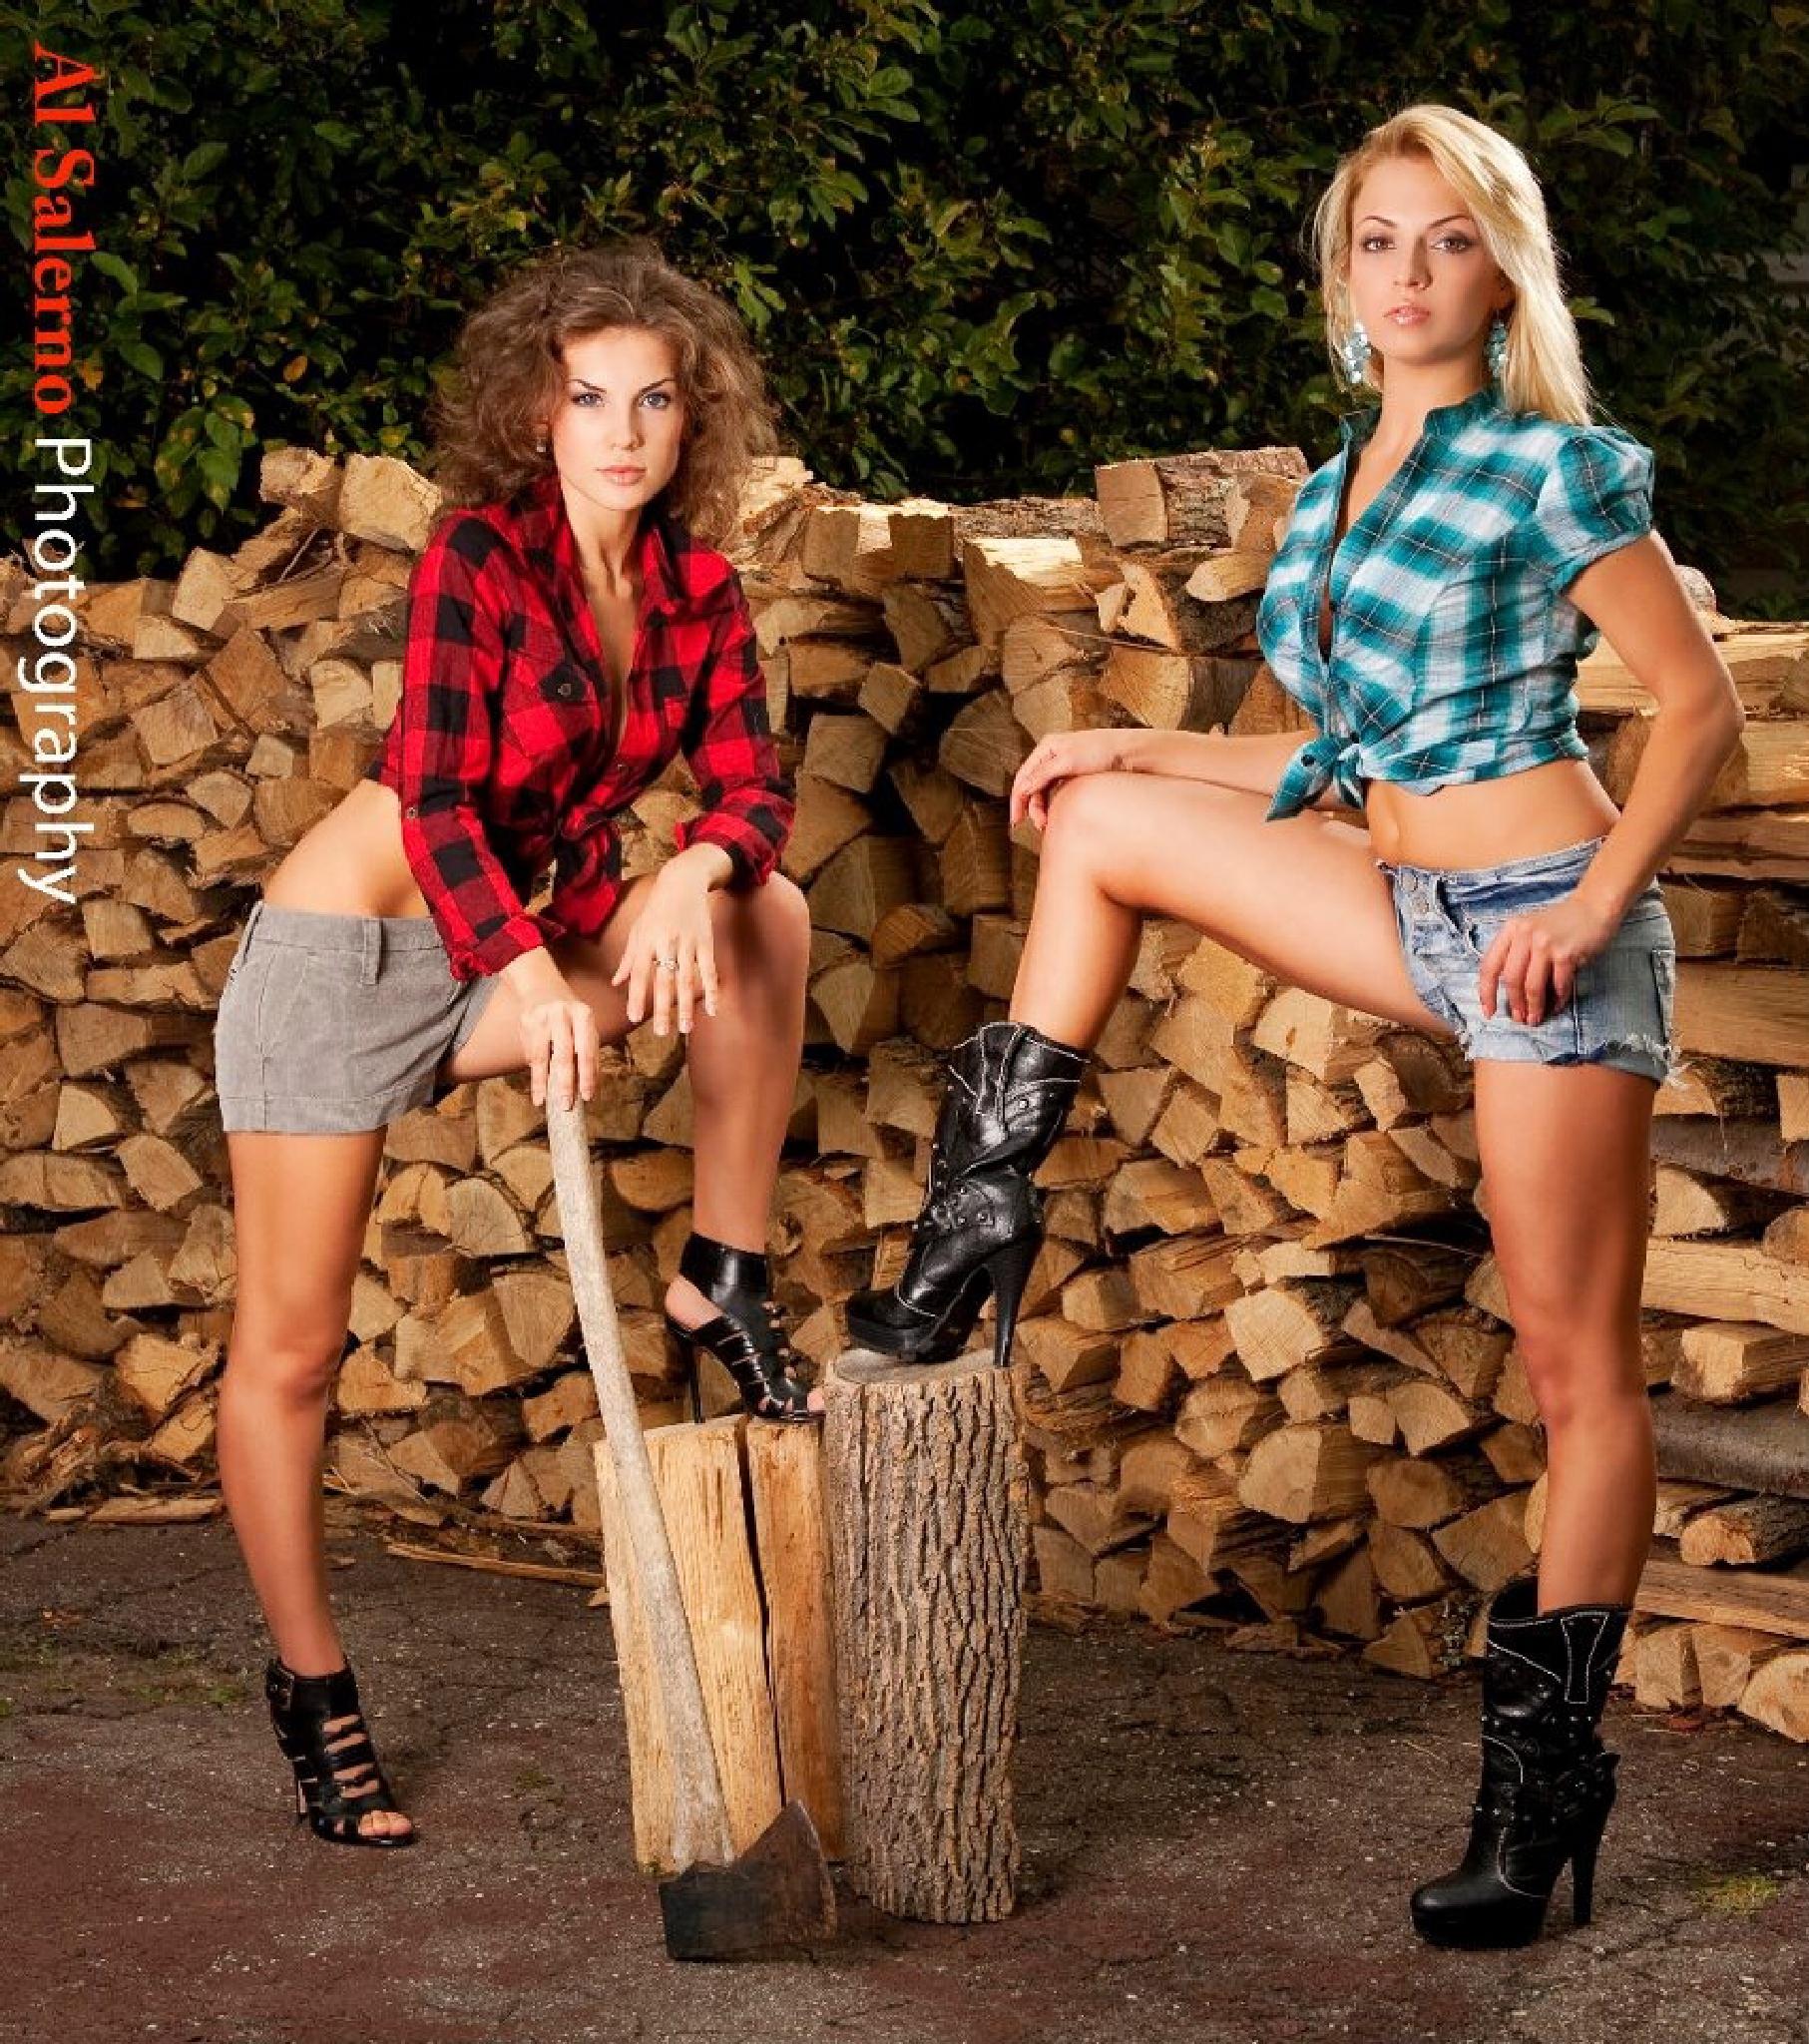 Got Wood? by Al Salerno